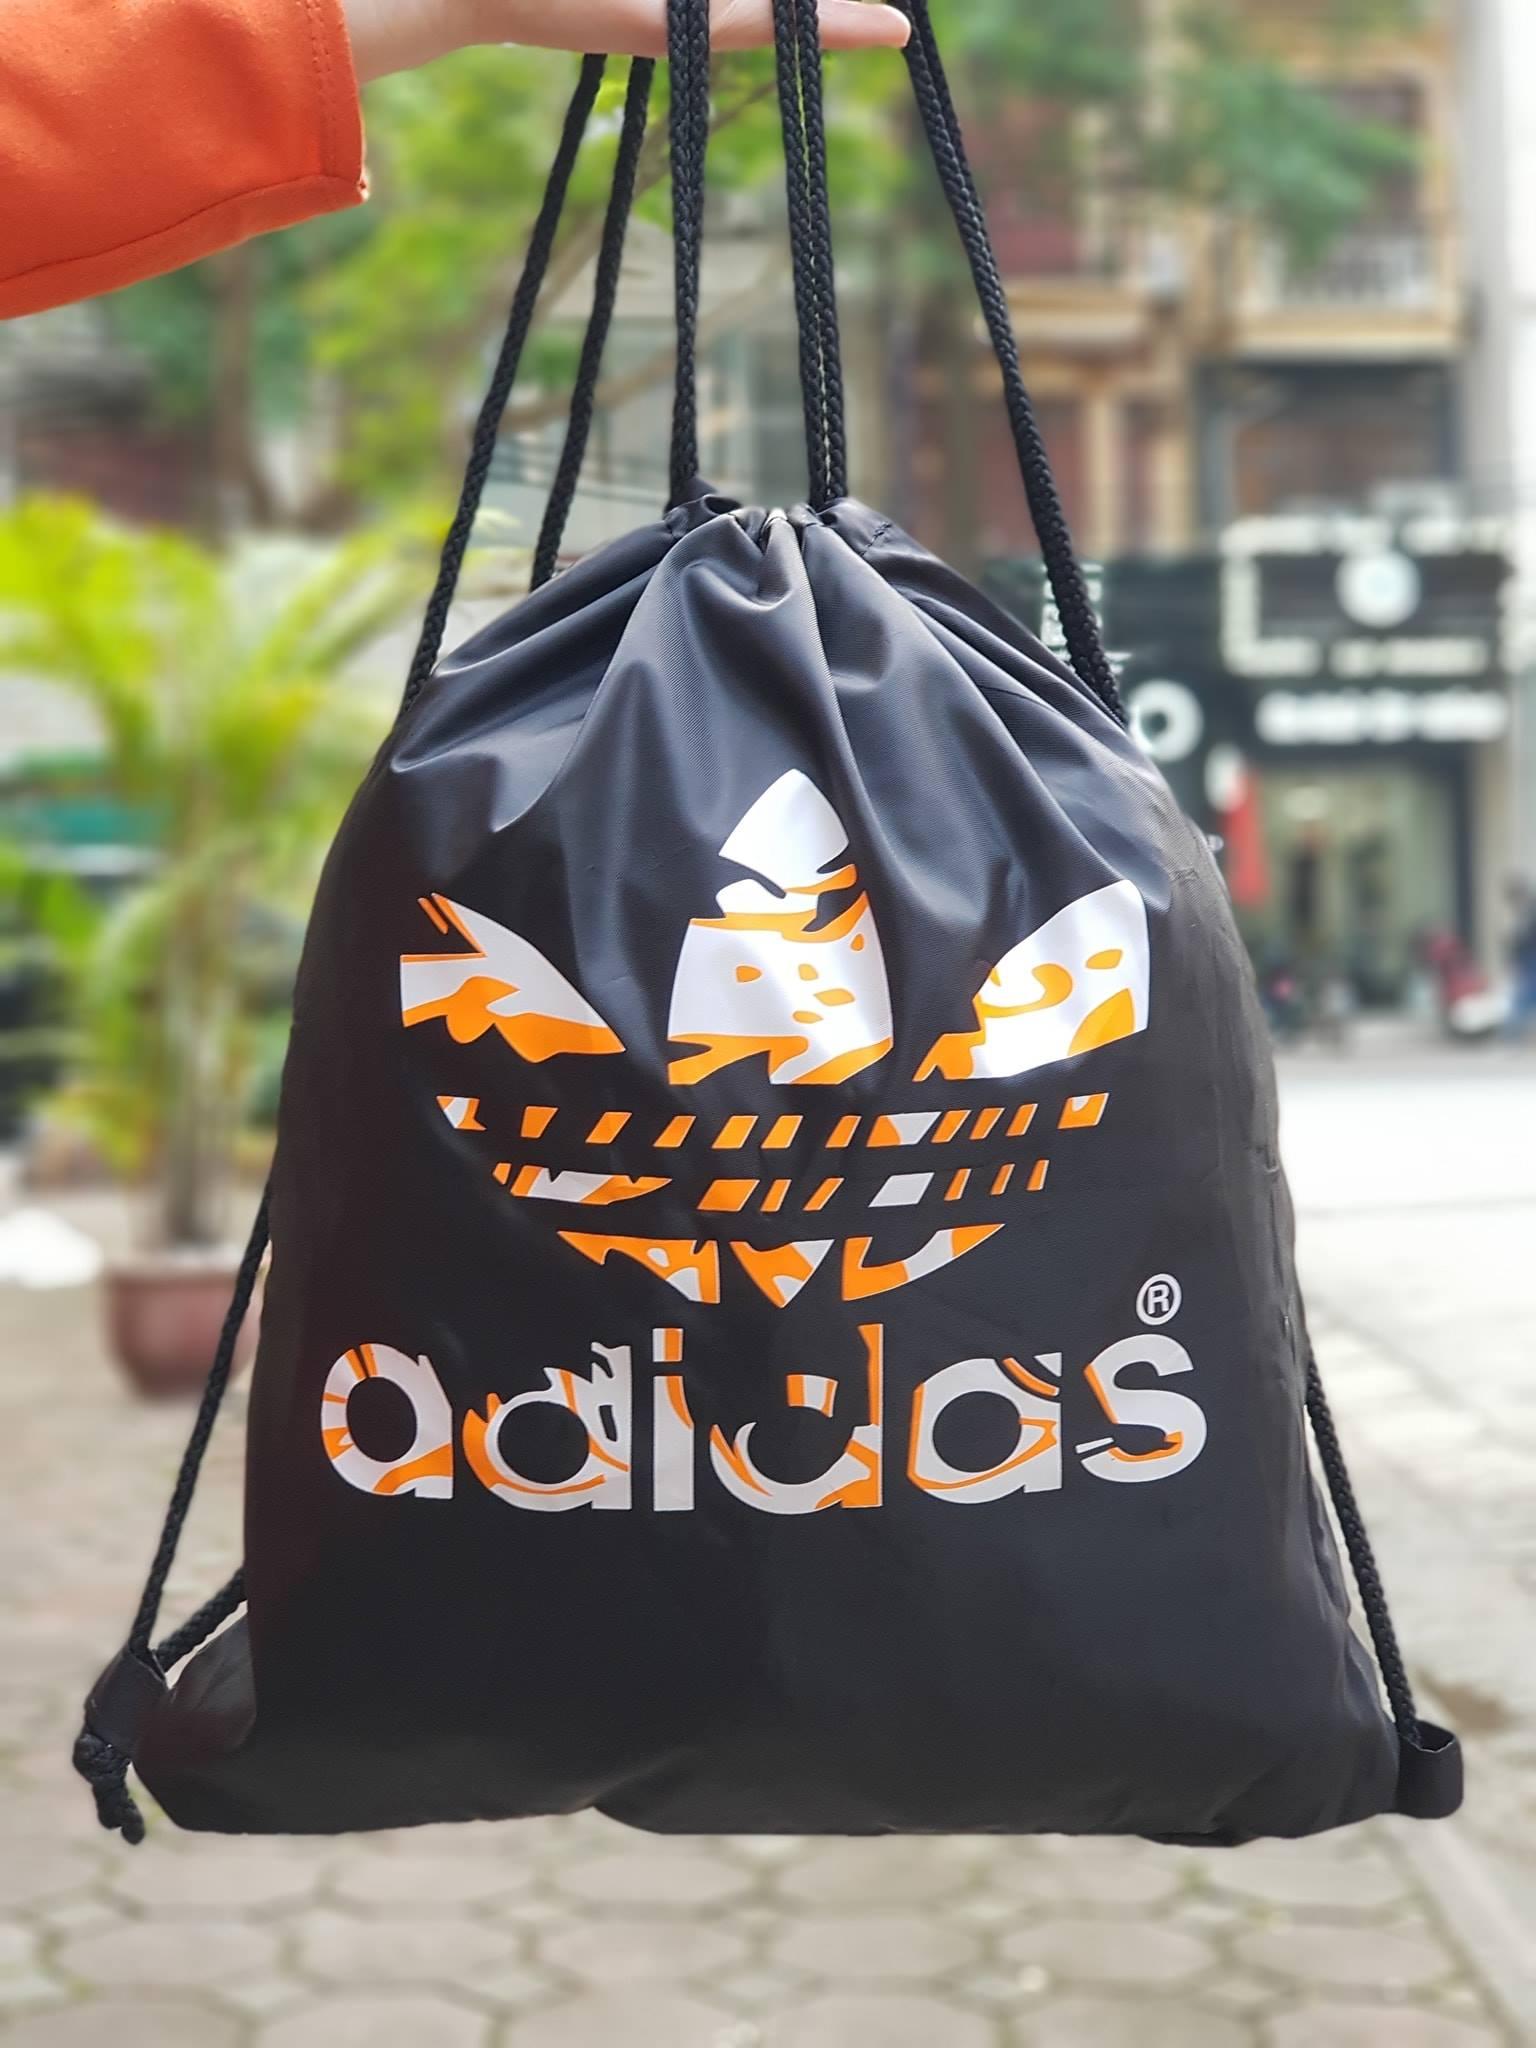 Balo dây rút Adidas vải gió mẫu 2019 2